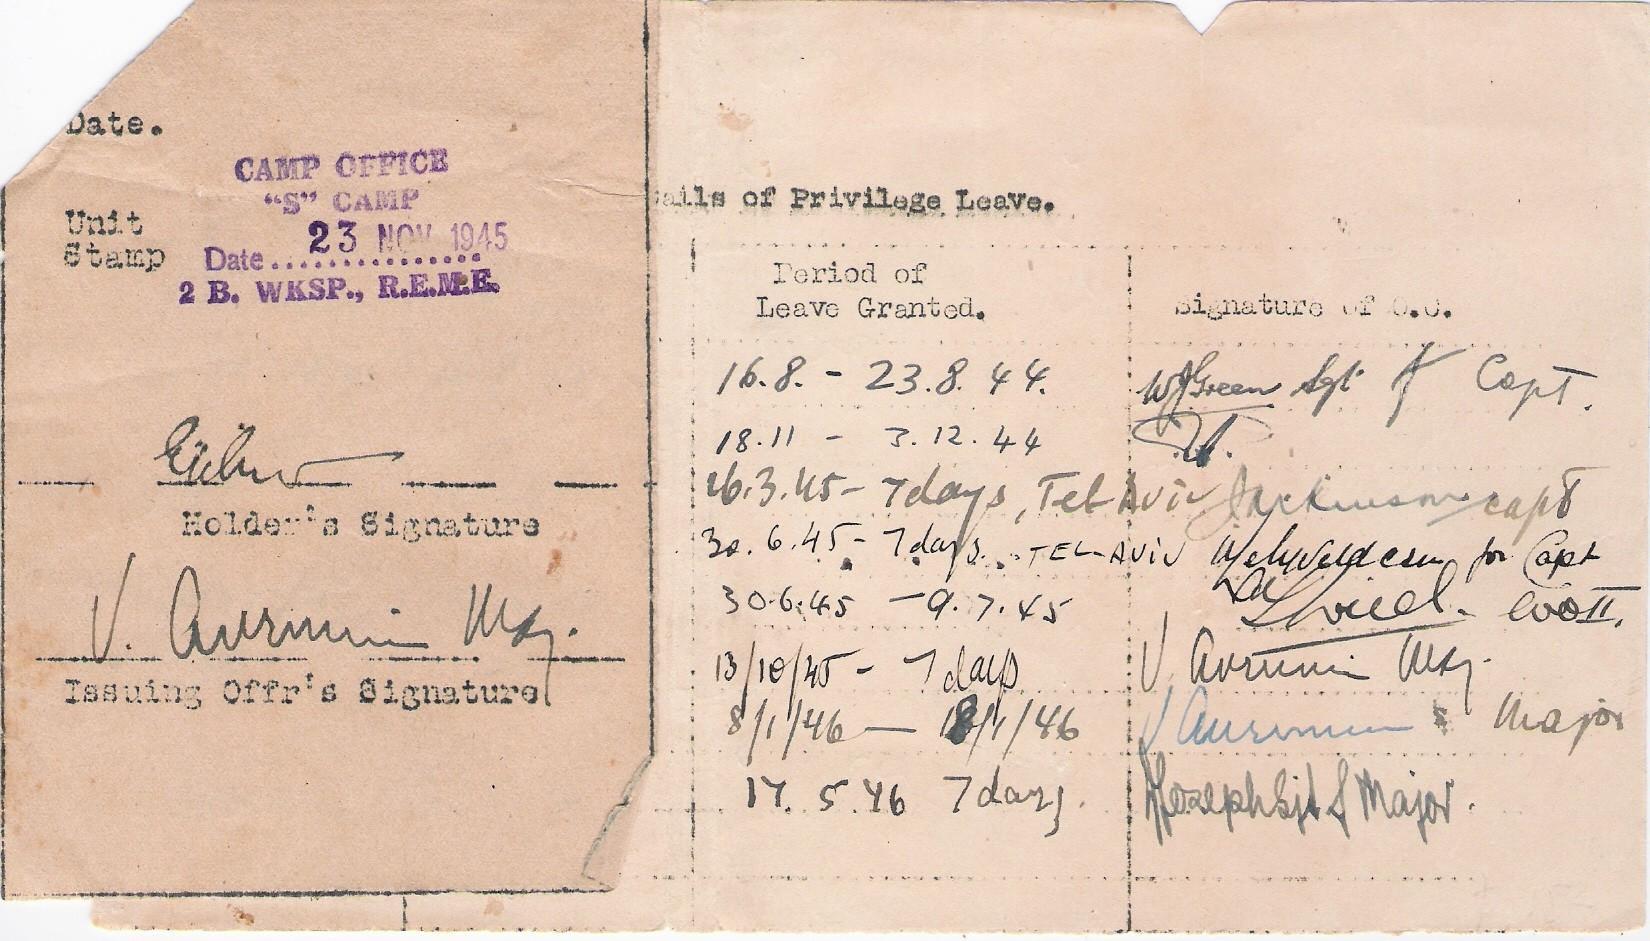 Zweiter Weltkrieg, Palästina, Urlaubsschein für jüdischen (?) Soldat der Britischen Armee